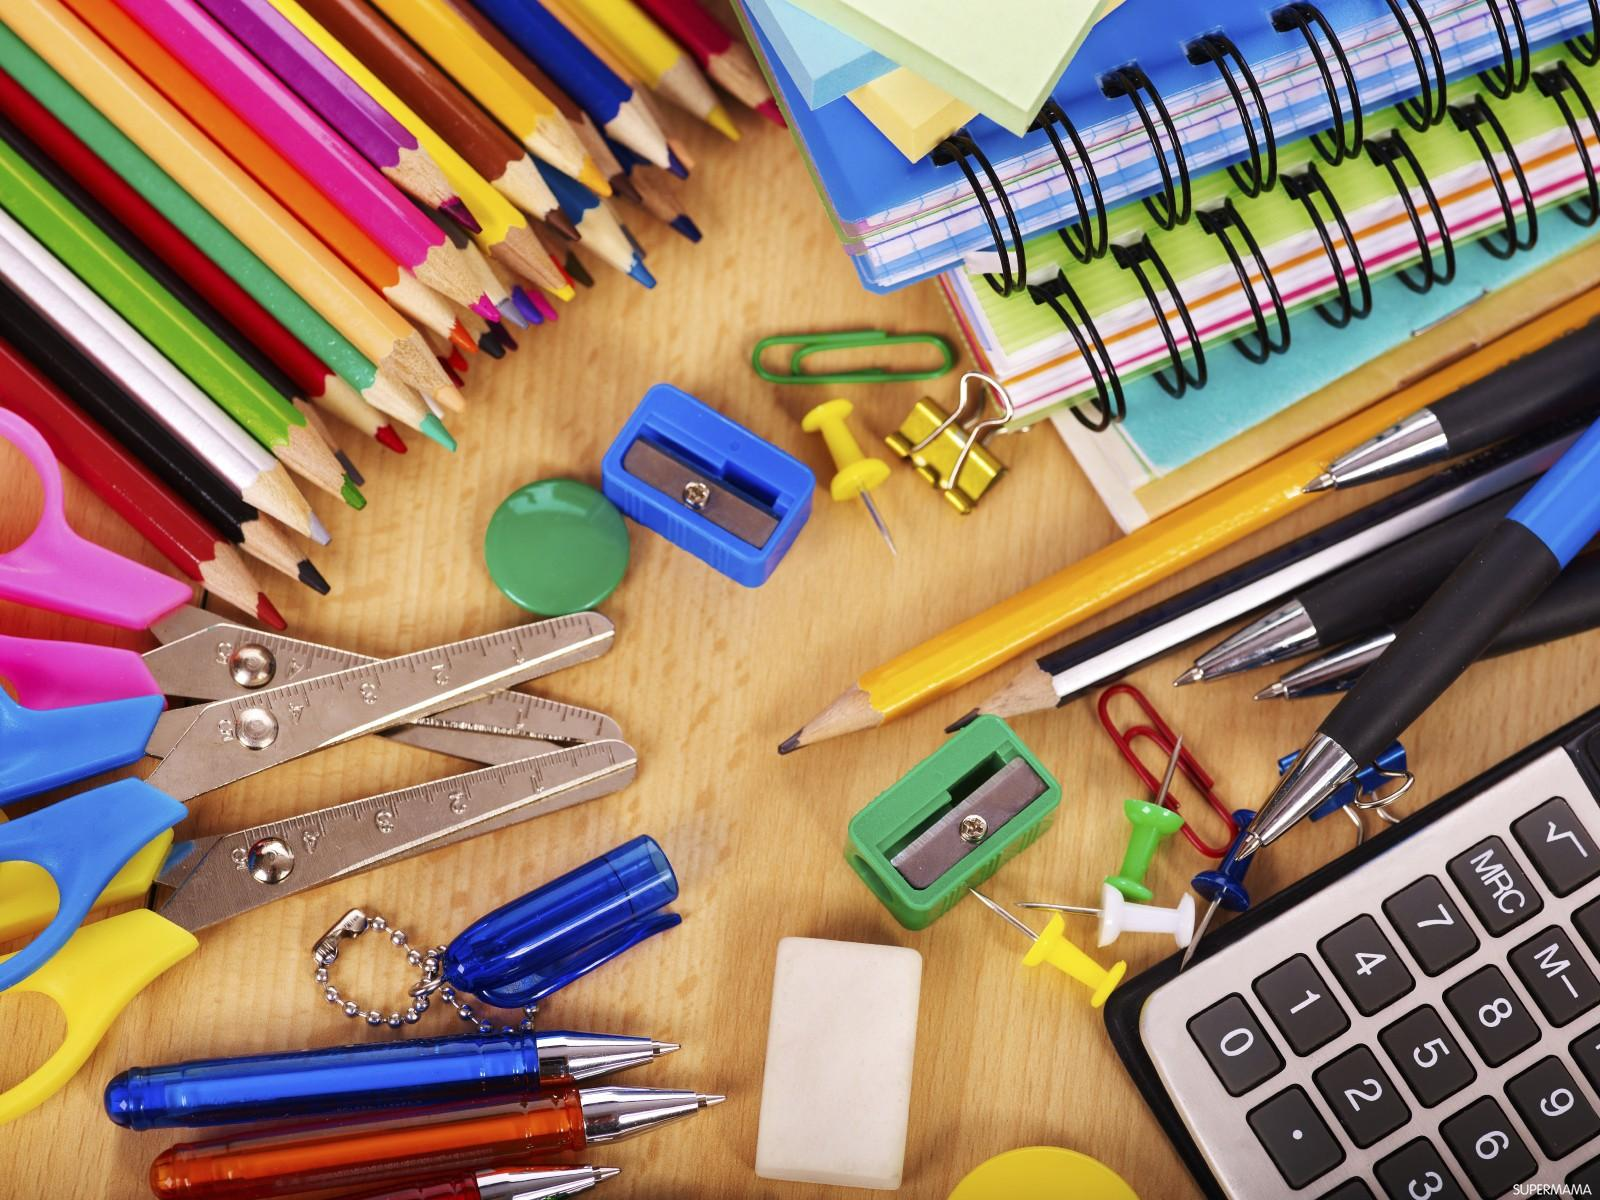 7e5315bb63f71 تعرفي على الأدوات المدرسية التي يحتاجها طفلك